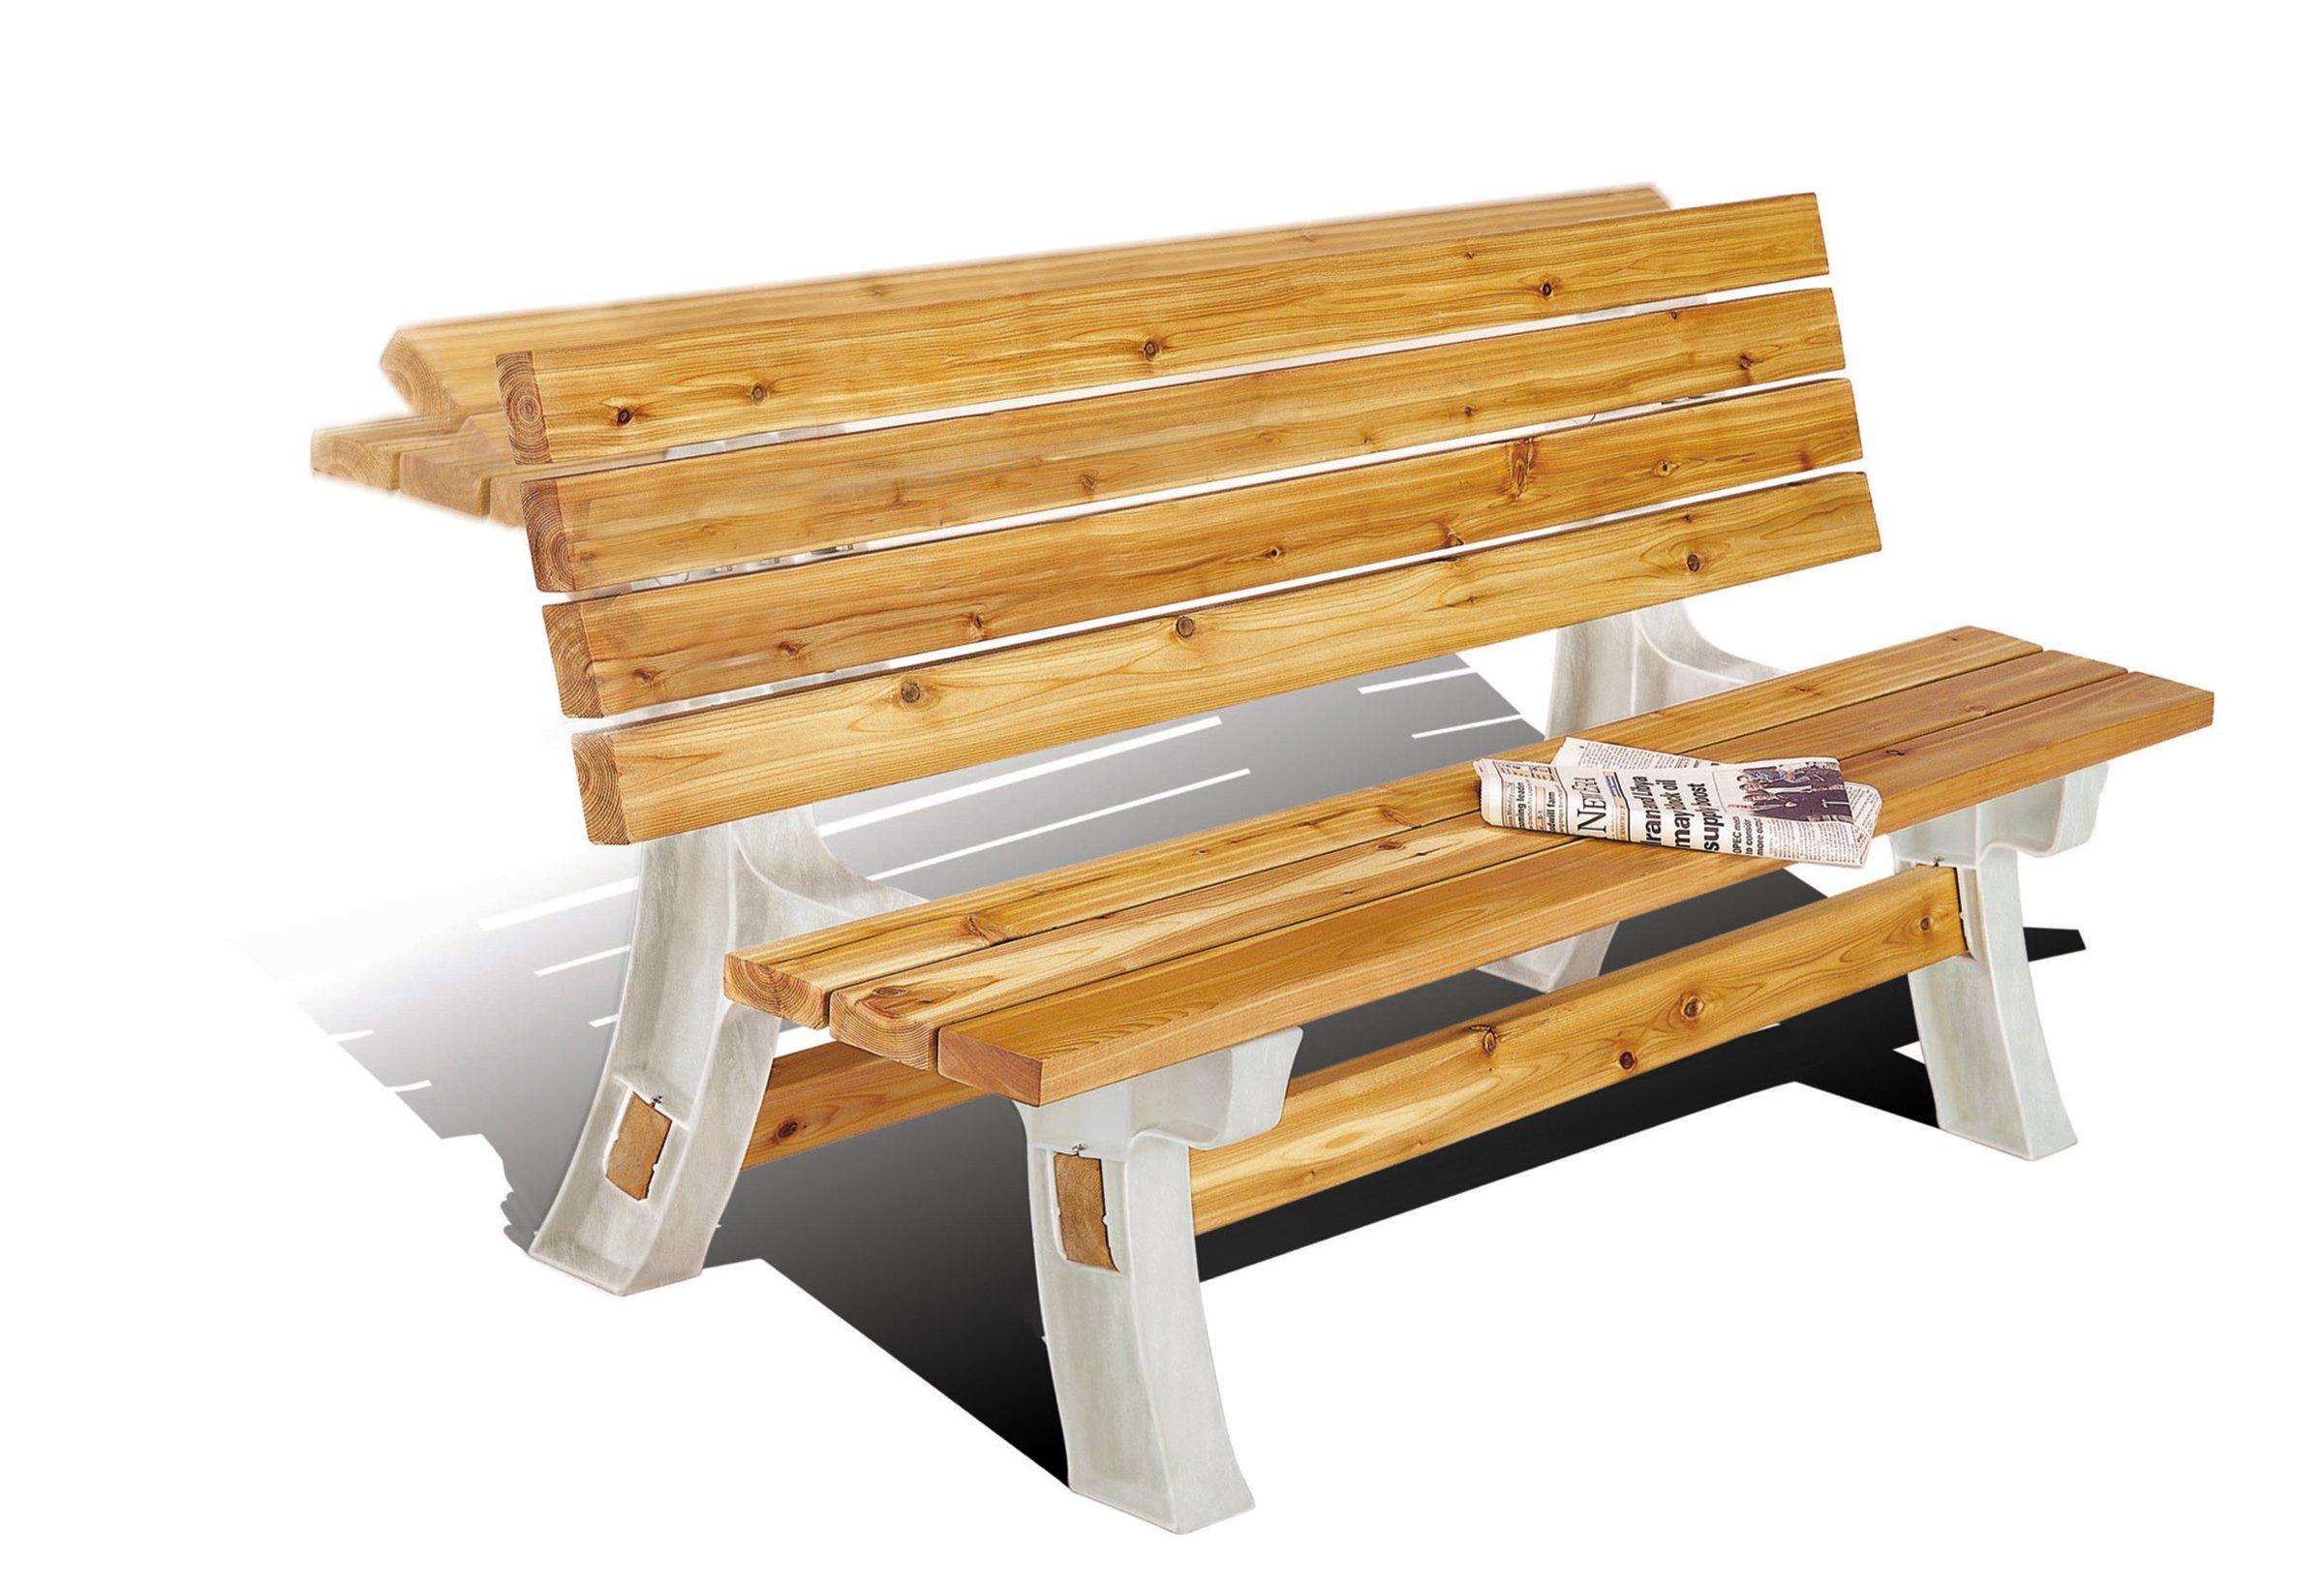 Convertible Outdoor Table Bench 2X4 Patio Garden Picnic Flip Top Seat  Furniture